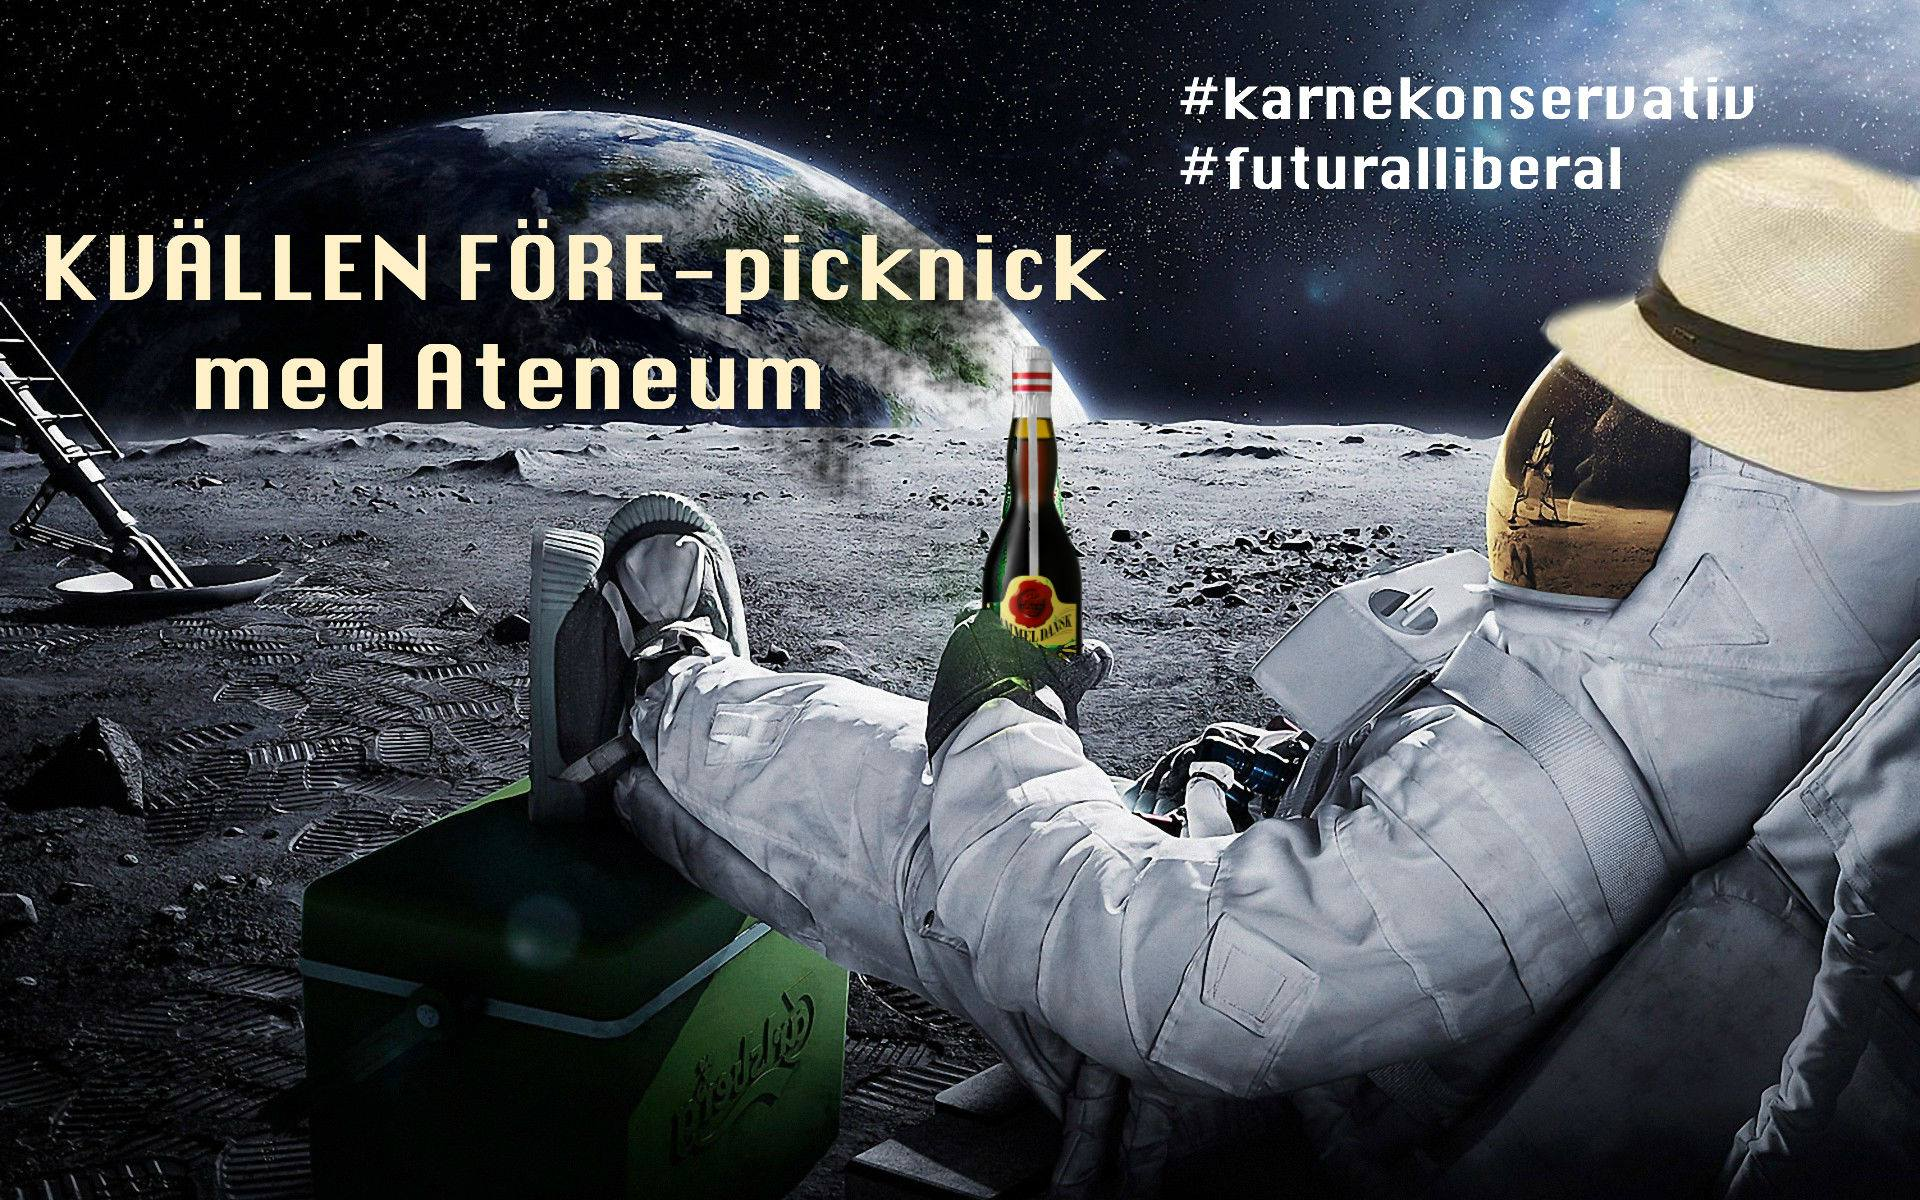 Lund: Futuralliberal karnekonservativ picknick med Ateneum 15/5